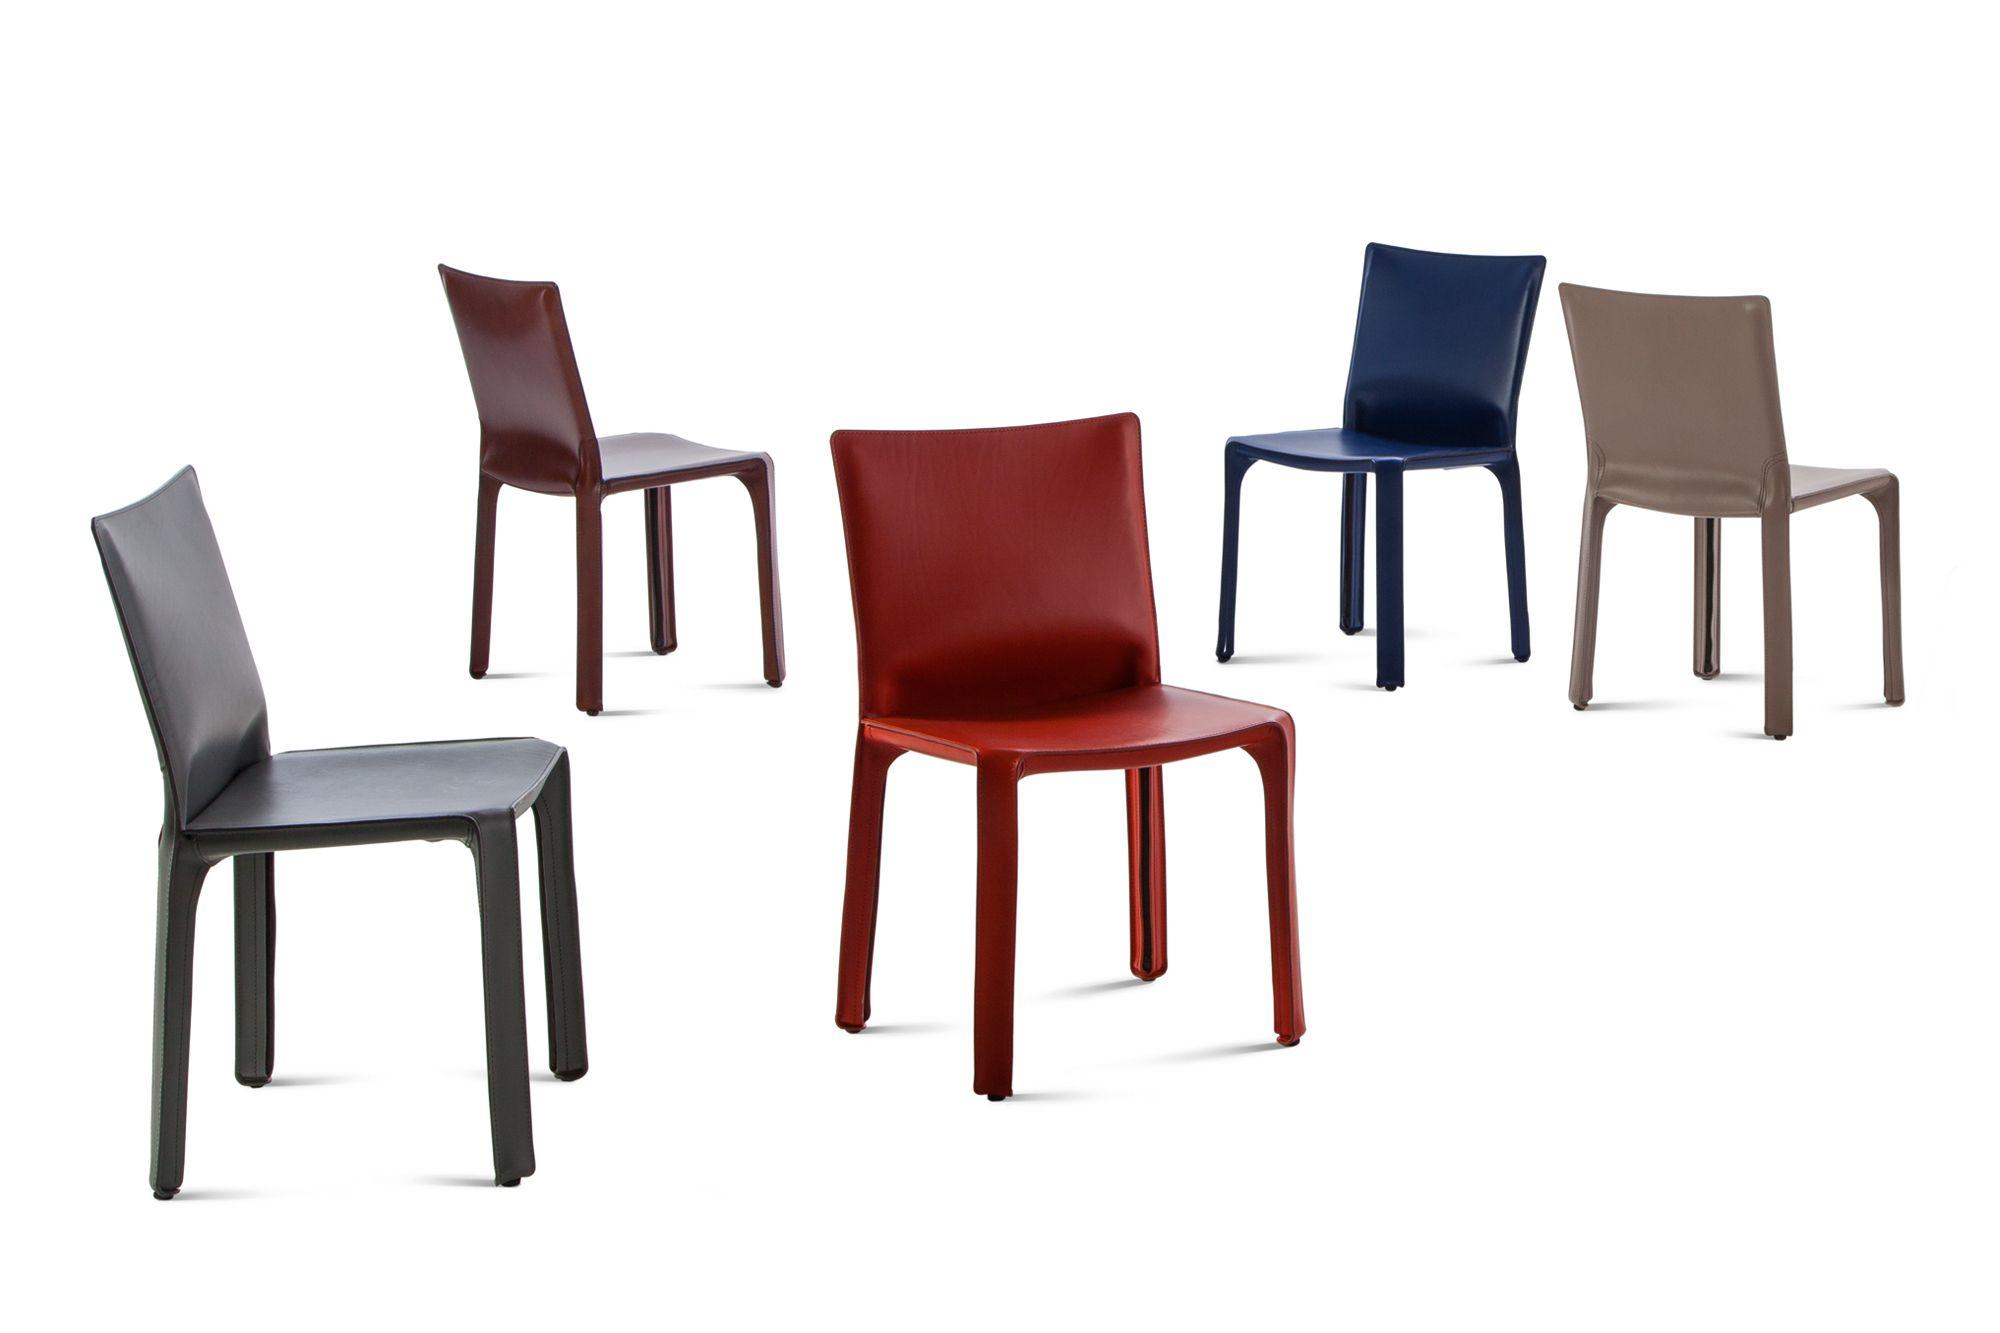 Vari tipi di sedie a mantella da casinò disegnate da Mario Bellini Immagine: Courtesy Casina